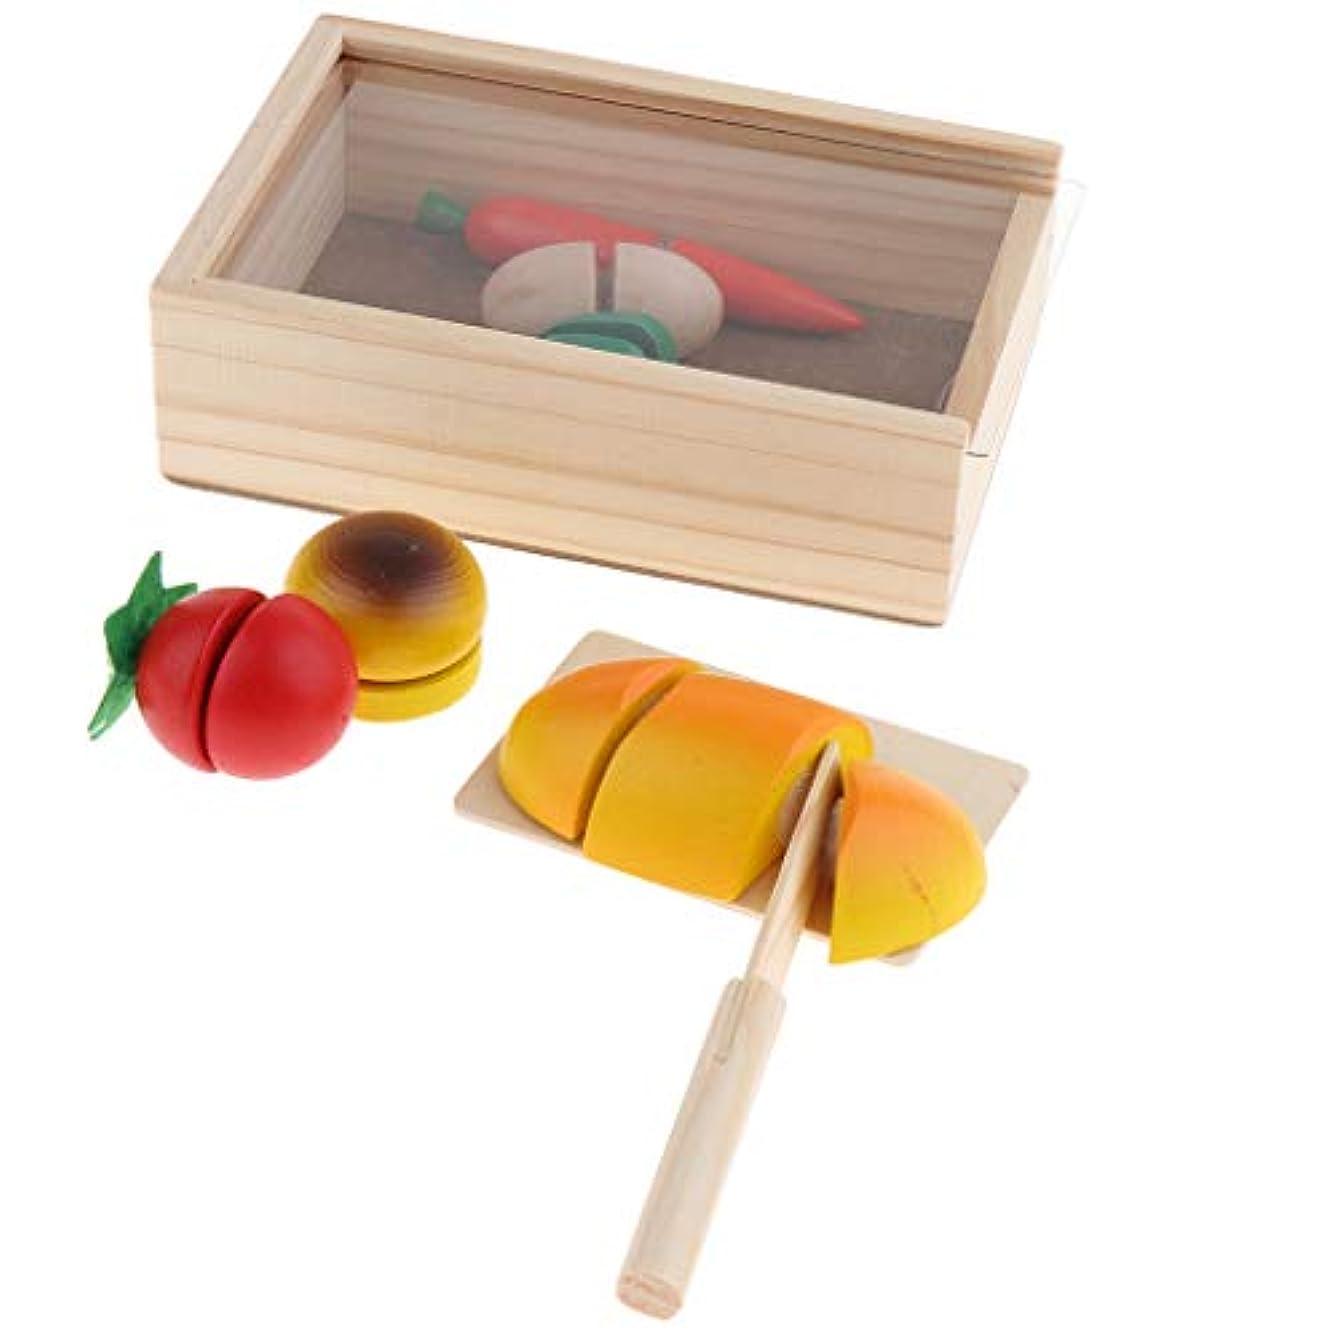 投資飢饉豊富木製  おままごと キッチン 切れる野菜 切る遊び 二人遊びセット 親子遊び  収納バスケット付き